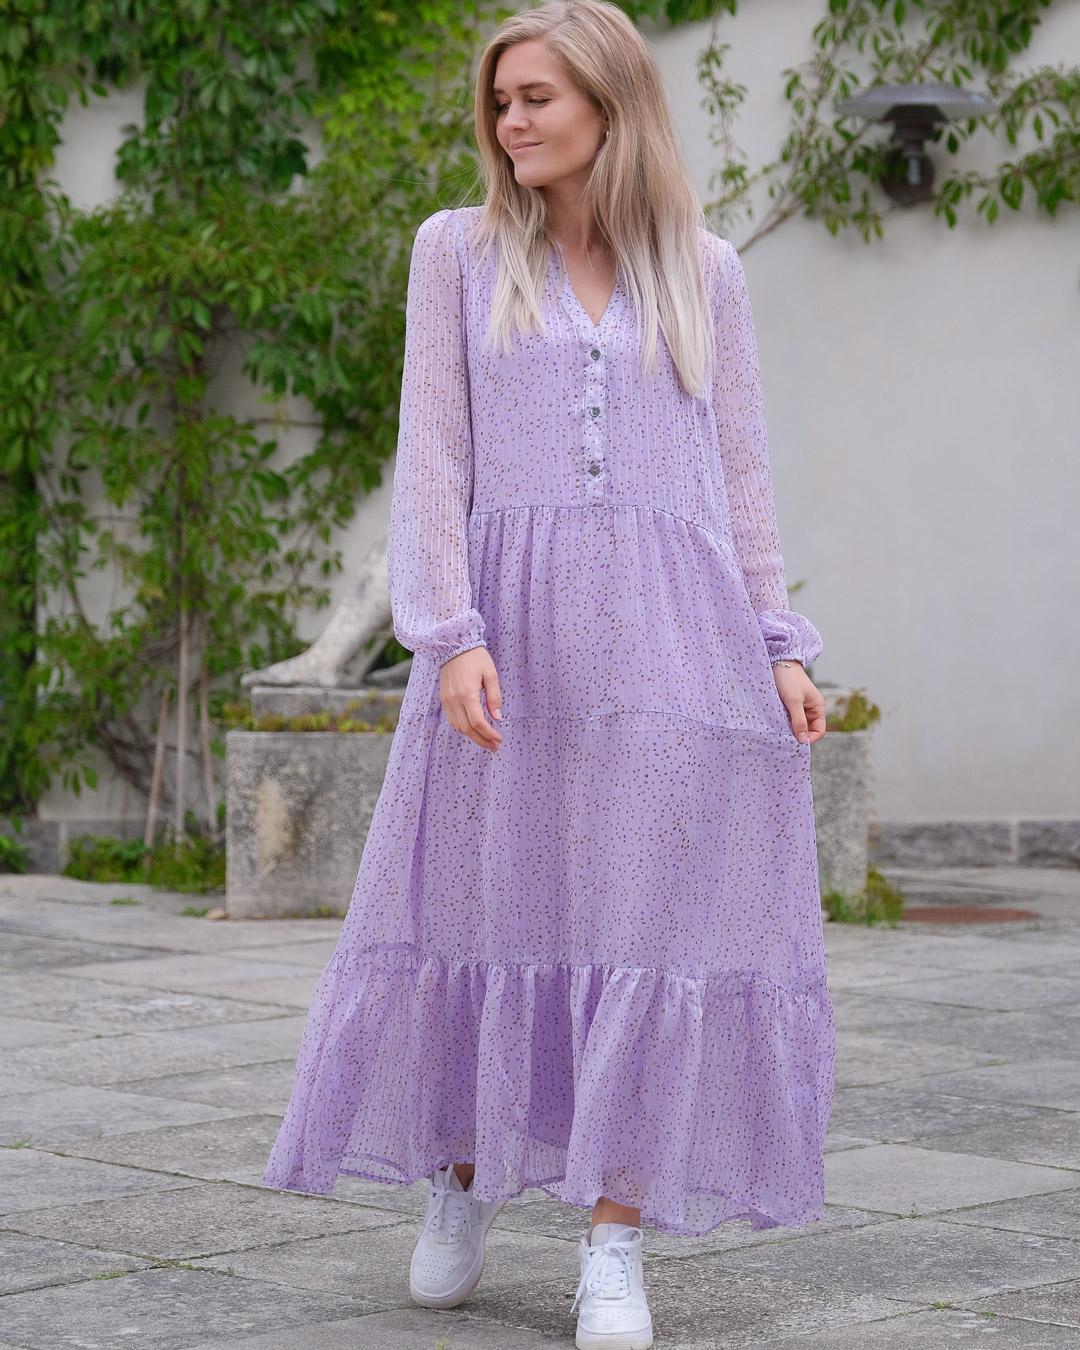 Neo Noir Nobis Sparkle kjole, lavender, 36